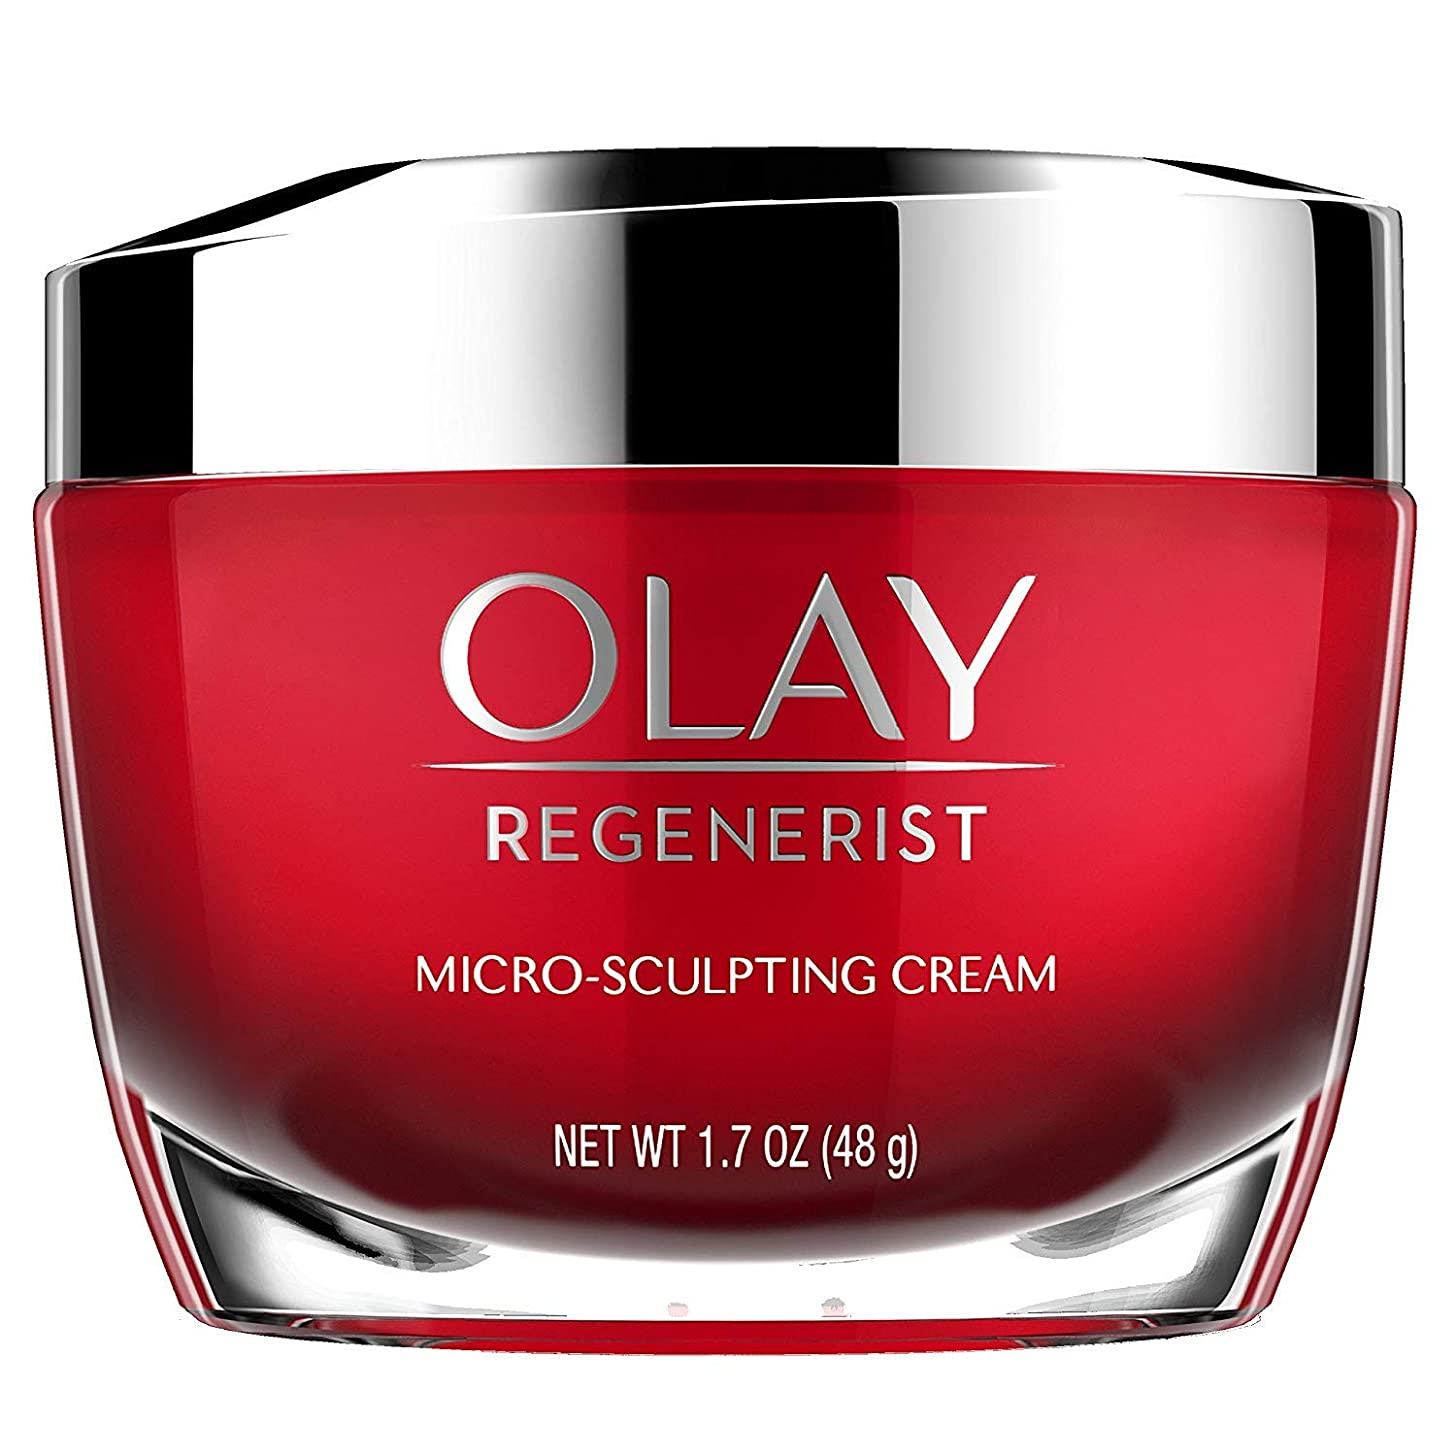 不公平もっともらしい溶かす[(オレイ) Olay] [Face Moisturizer with Collagen Peptides by Olay Regenerist, Micro-Sculpting Cream, 1.7 oz] (並行輸入品)